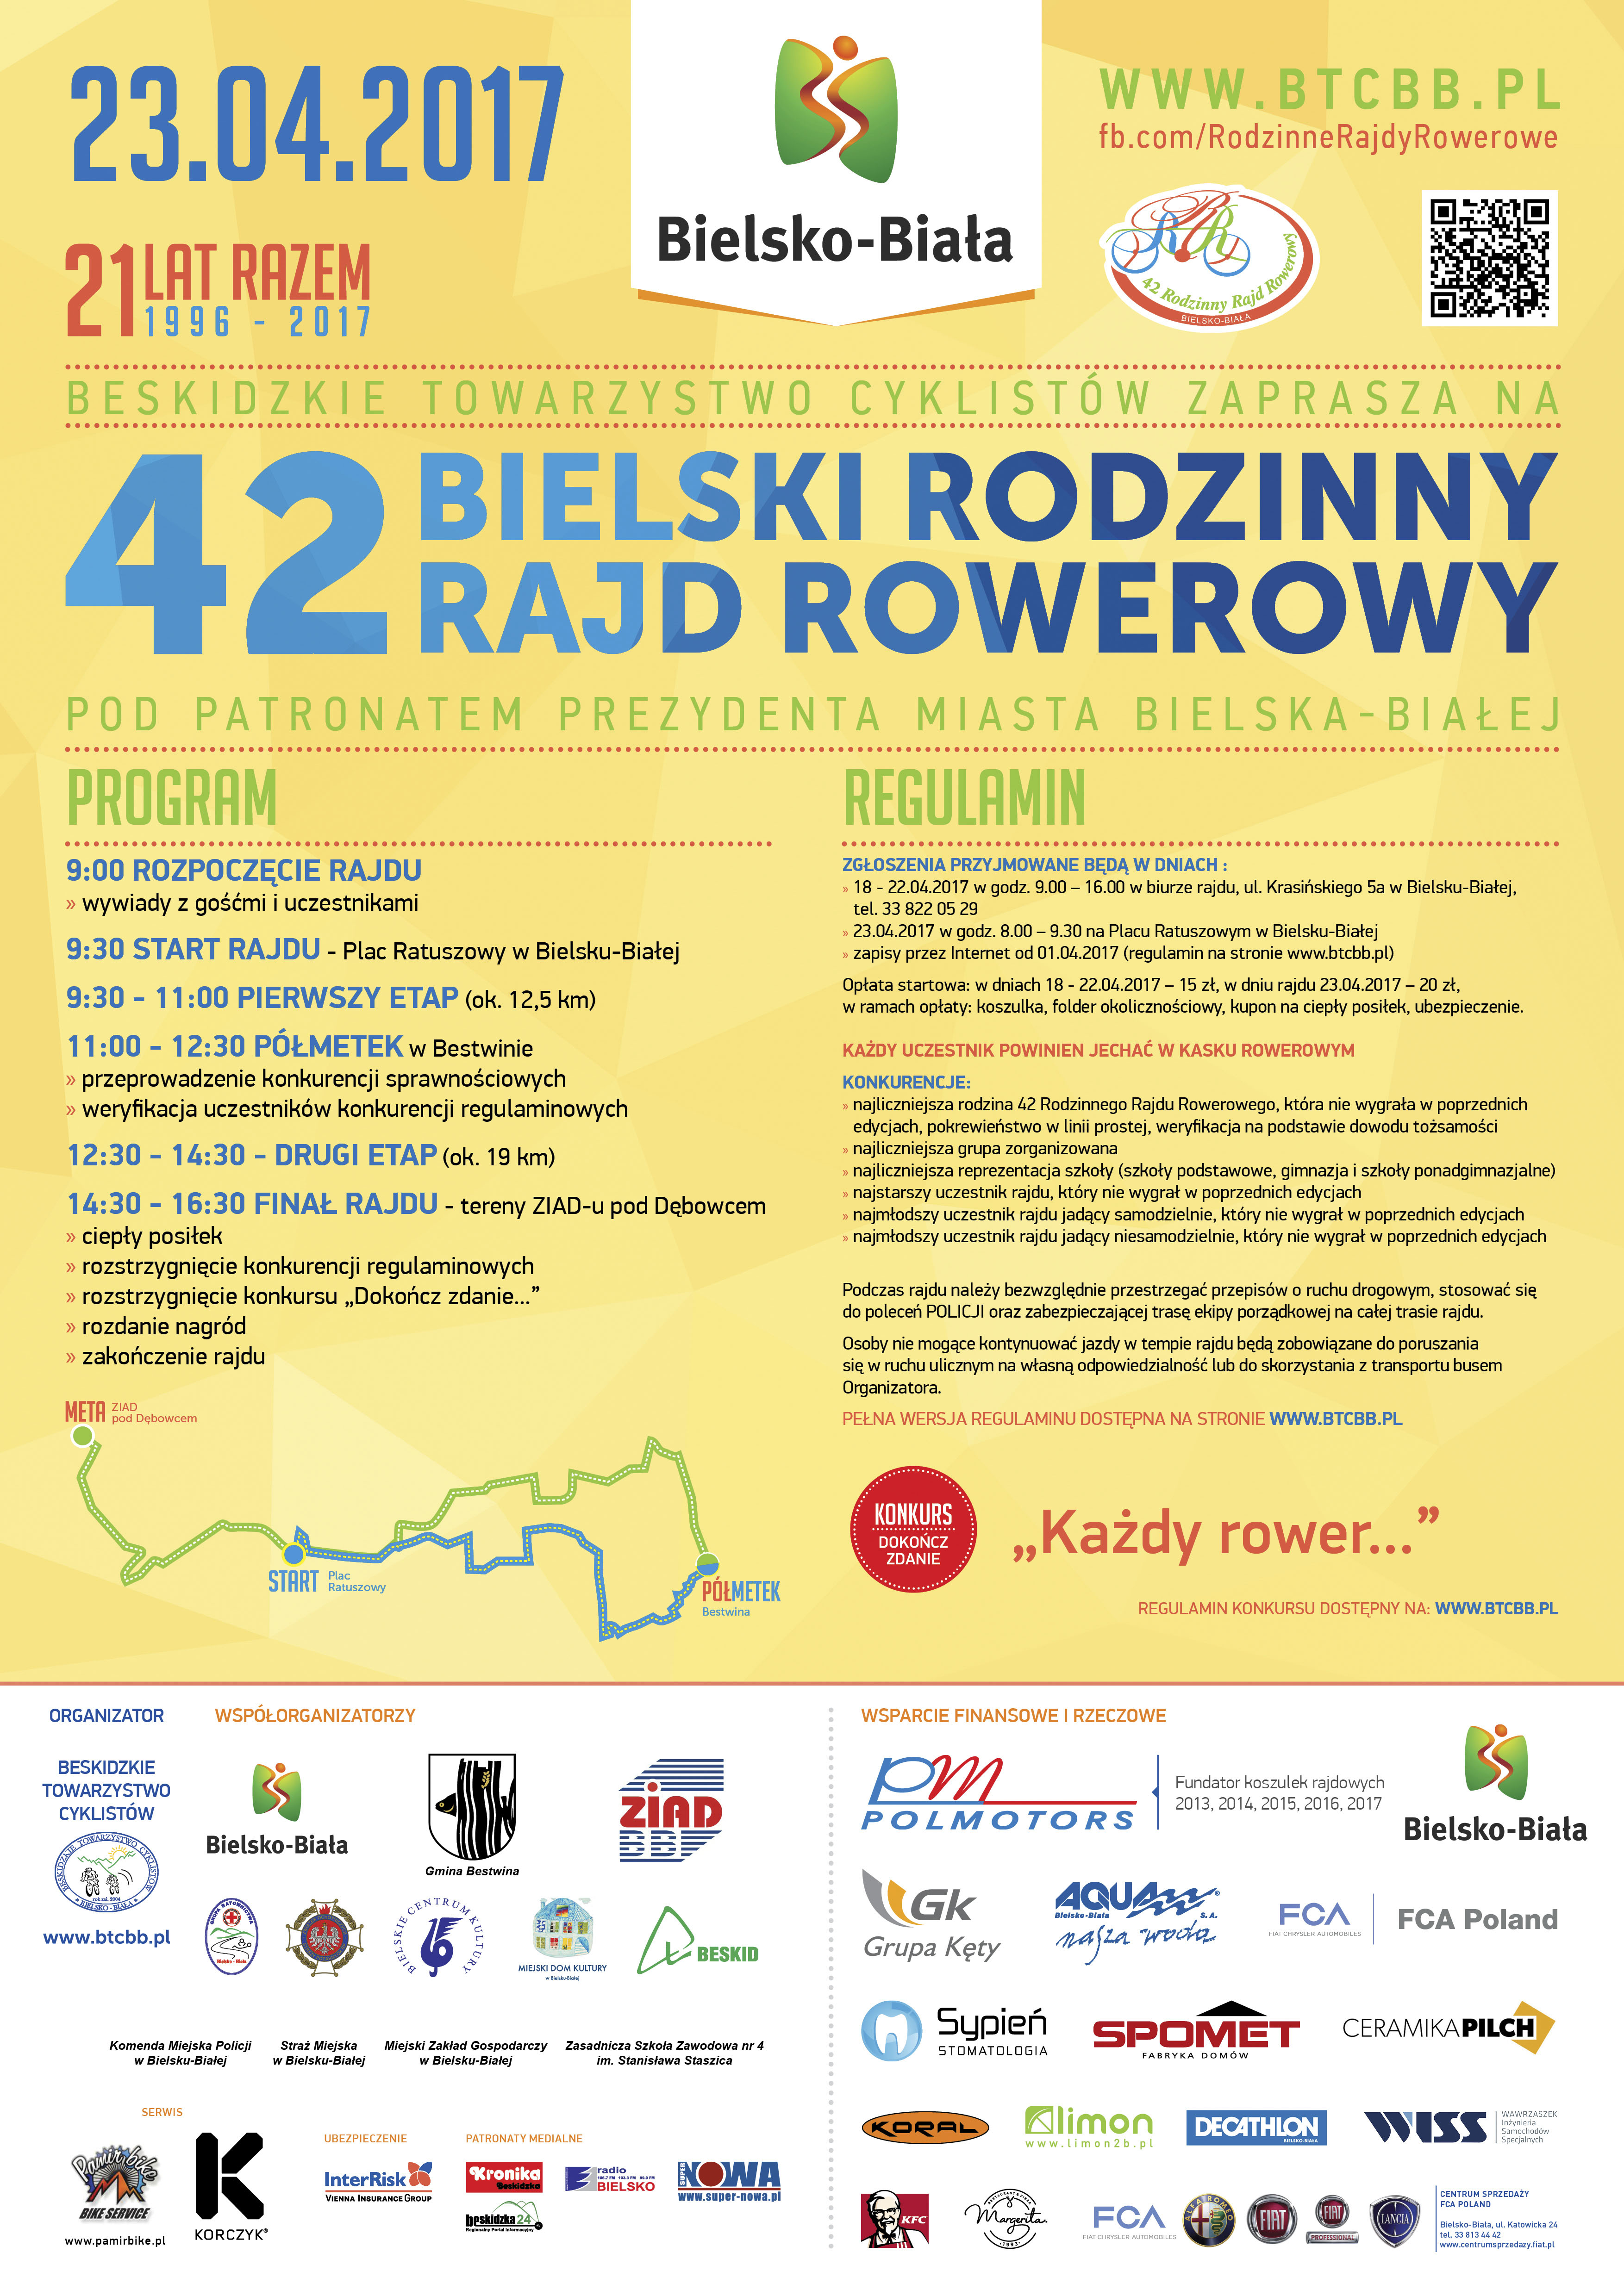 42 Bielski Rodzinny Rajd Rowerowy